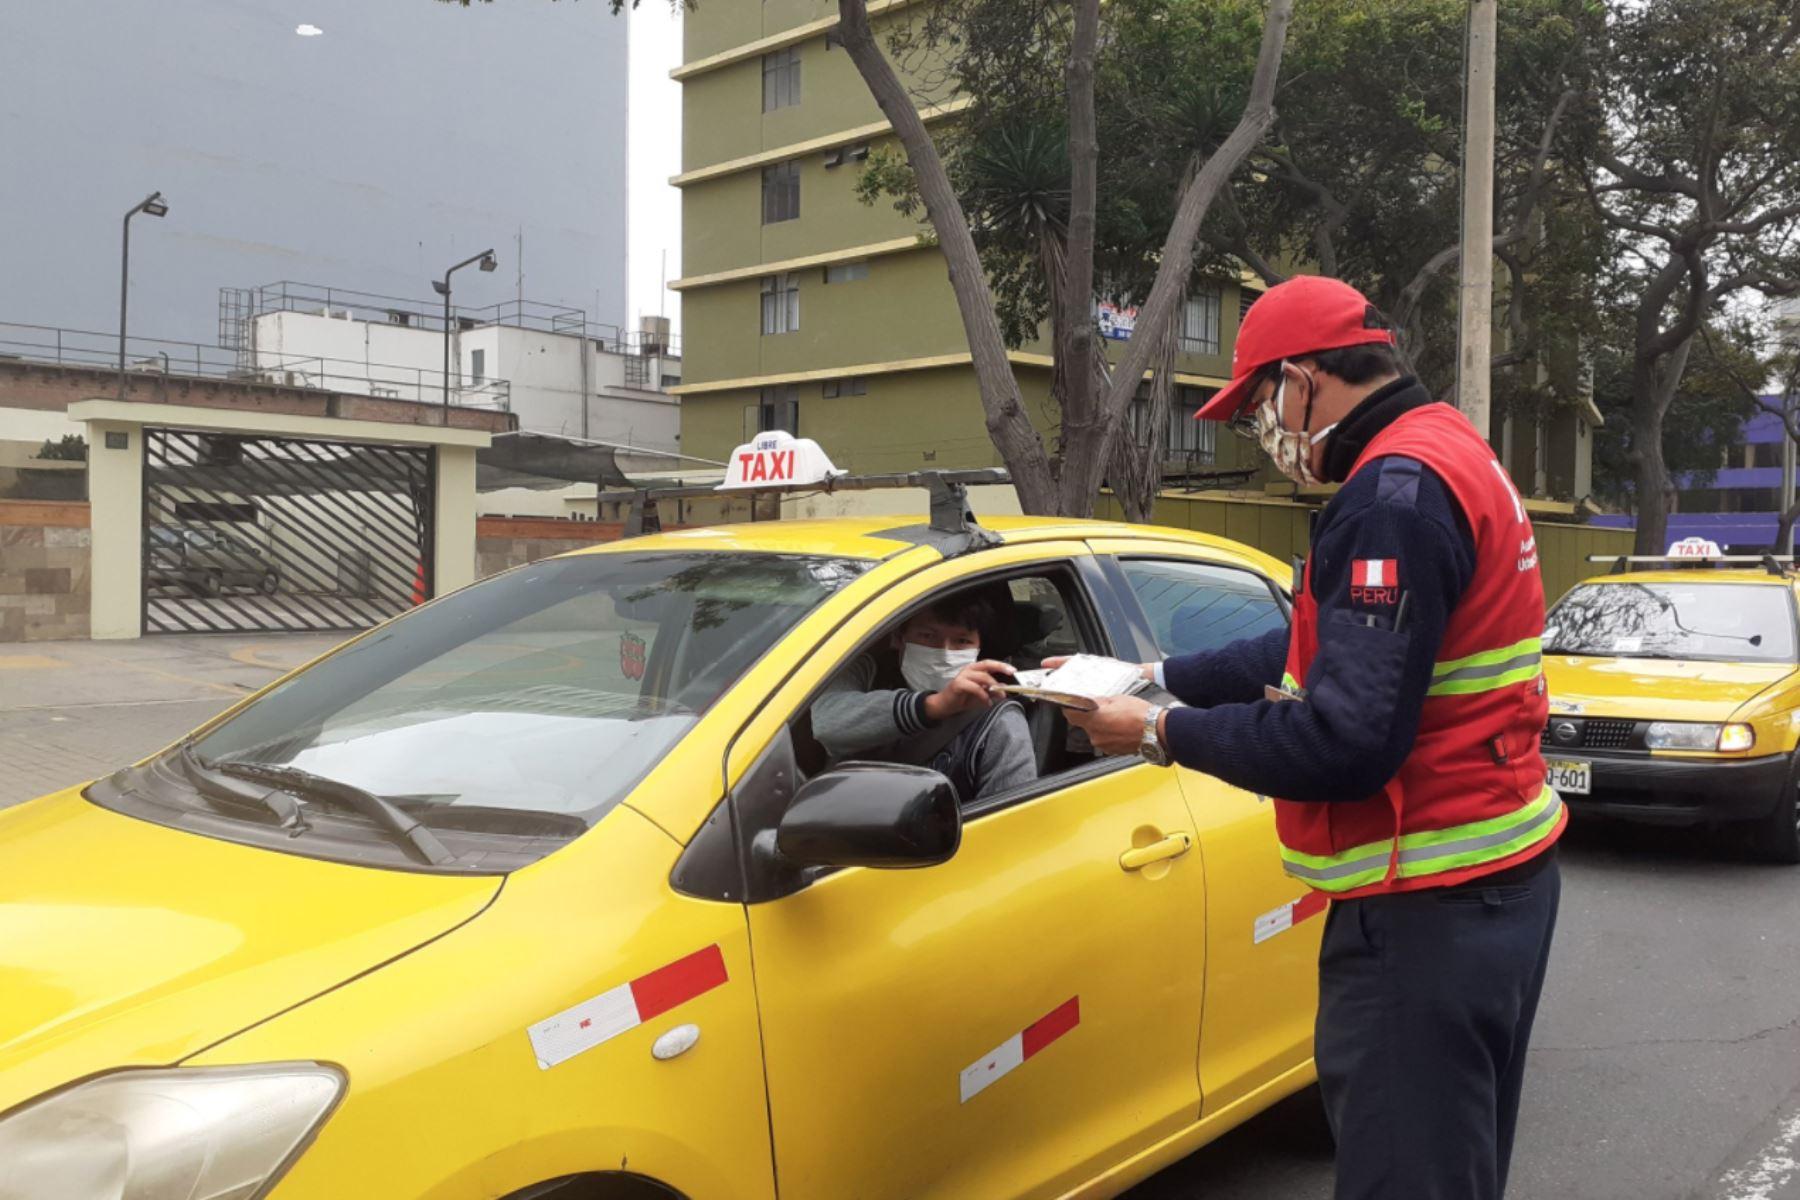 Fiscalizadores de la ATU y efectivos de la PNP pedirán ambos documentos a conductores de este servicio. Foto: INTERNET/Medios